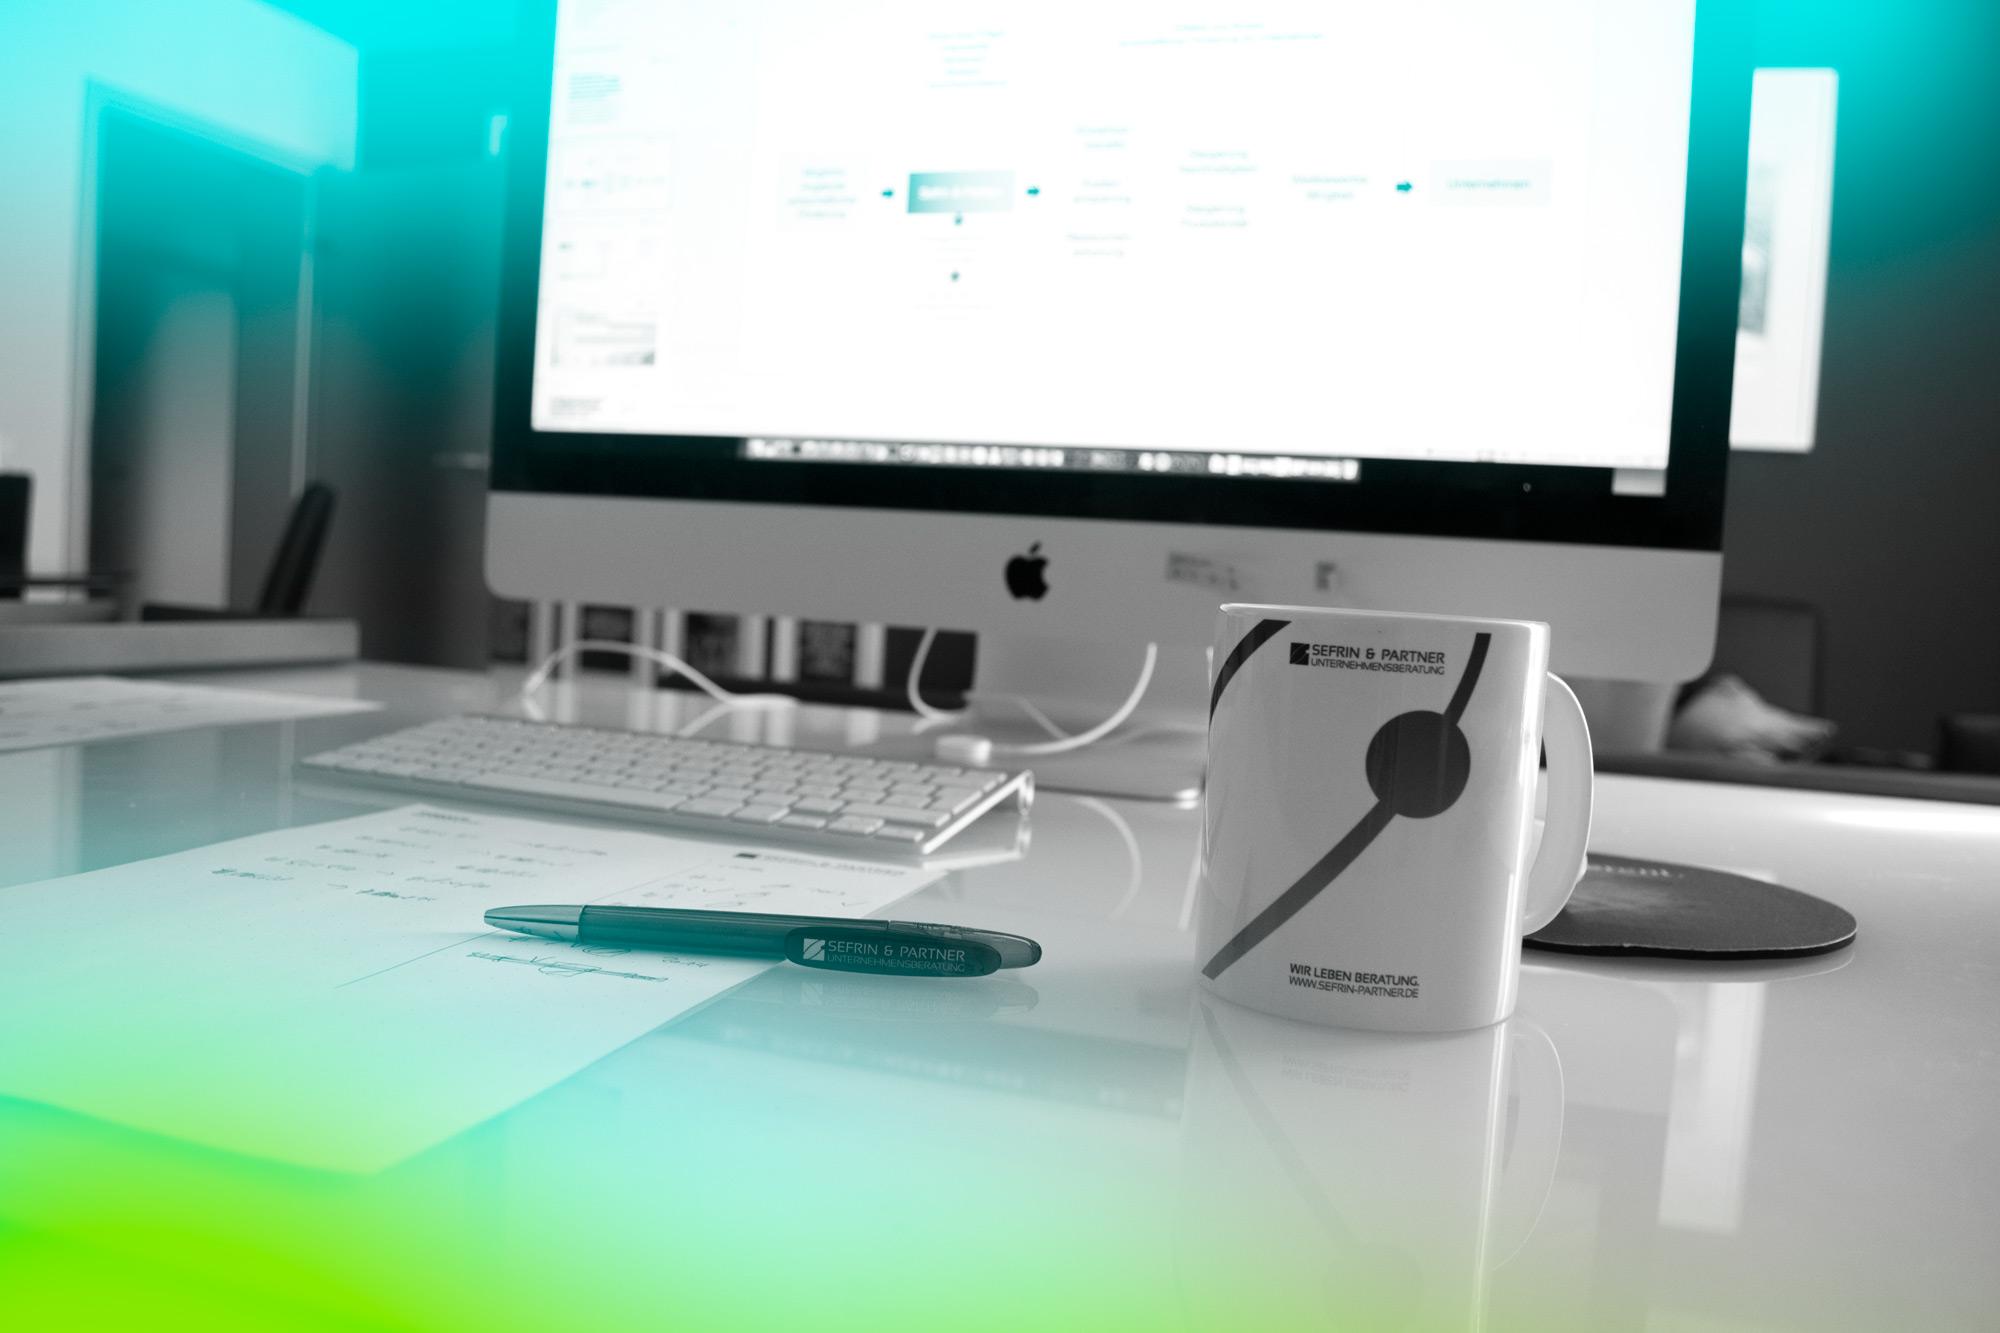 Detailaufnahme Bildschirm, Tasse, Stift